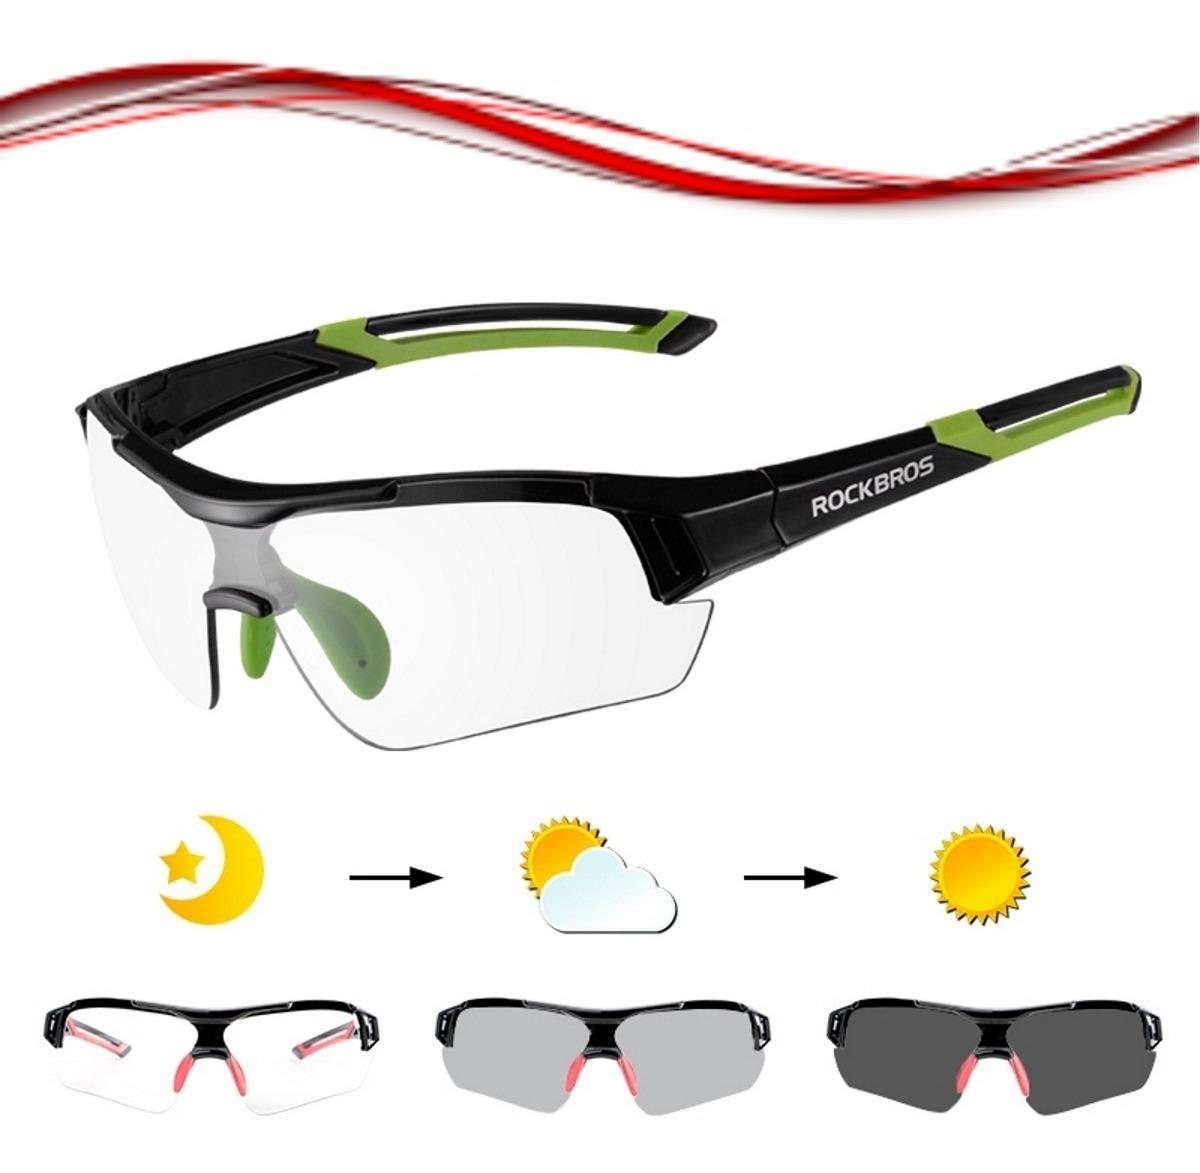 3b52d3f52b ... Ropa para Ciclismo · Gafas. Compartir. Compartir. Vender uno igual ·  gafas tipo transitions fotocromaticas rockbros bicicleta mtb. Cargando zoom.